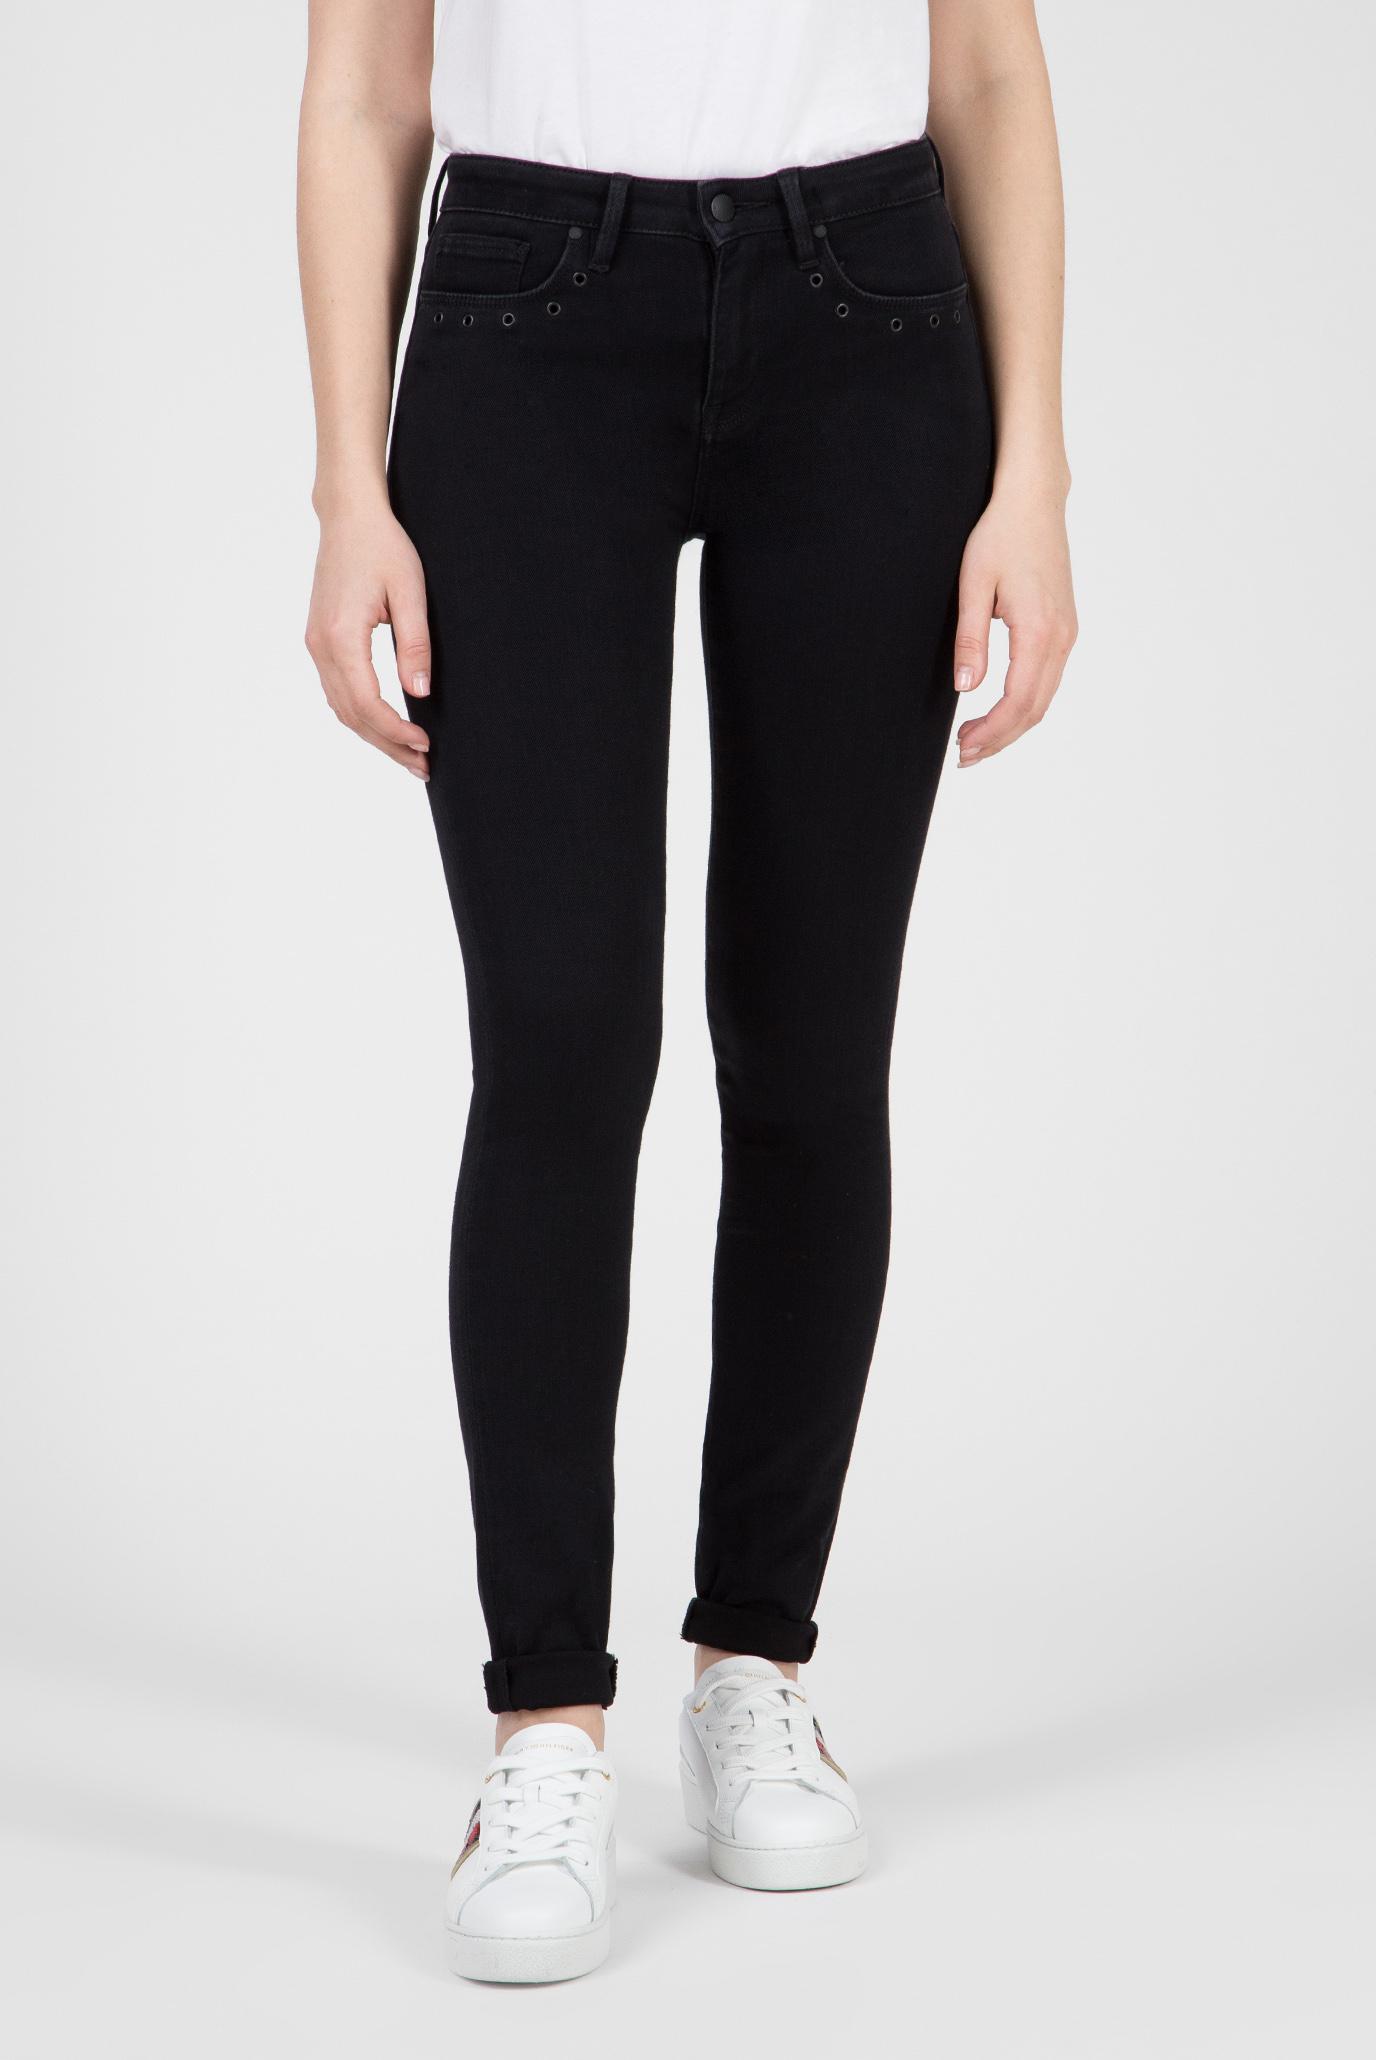 Купить Женские черные джинсы COMO RW PEGASUS Tommy Hilfiger Tommy Hilfiger WW0WW23843 – Киев, Украина. Цены в интернет магазине MD Fashion